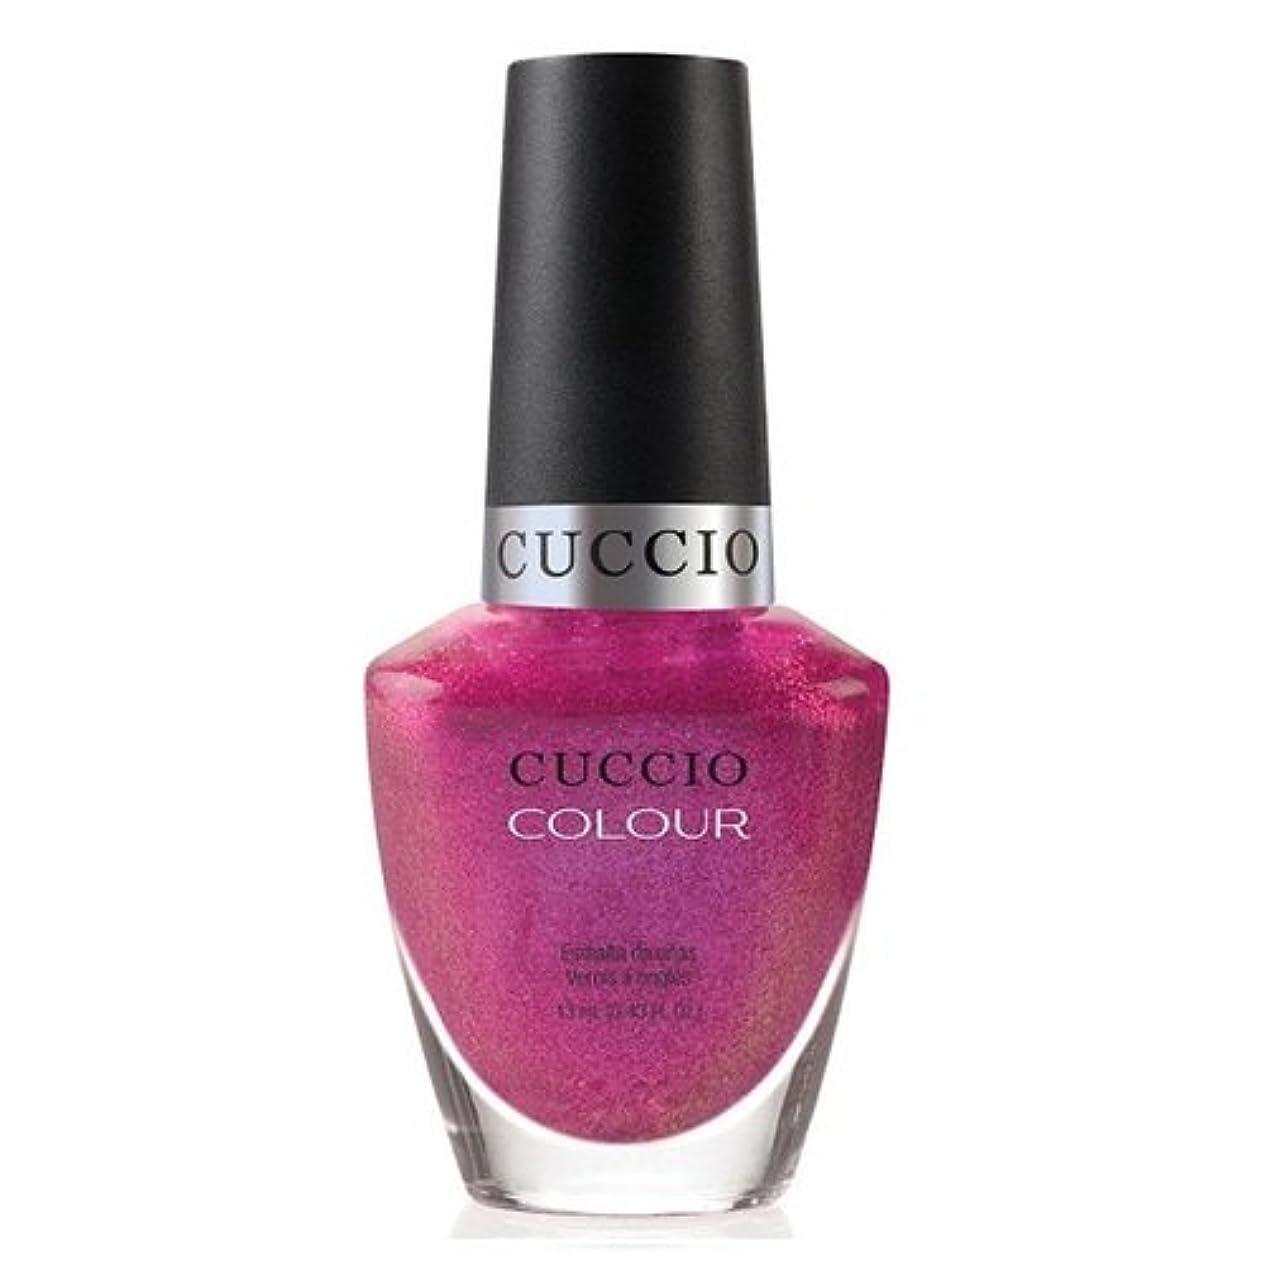 銅免疫するパニックCuccio Colour Gloss Lacquer - Femme Fatale - 0.43oz/13ml